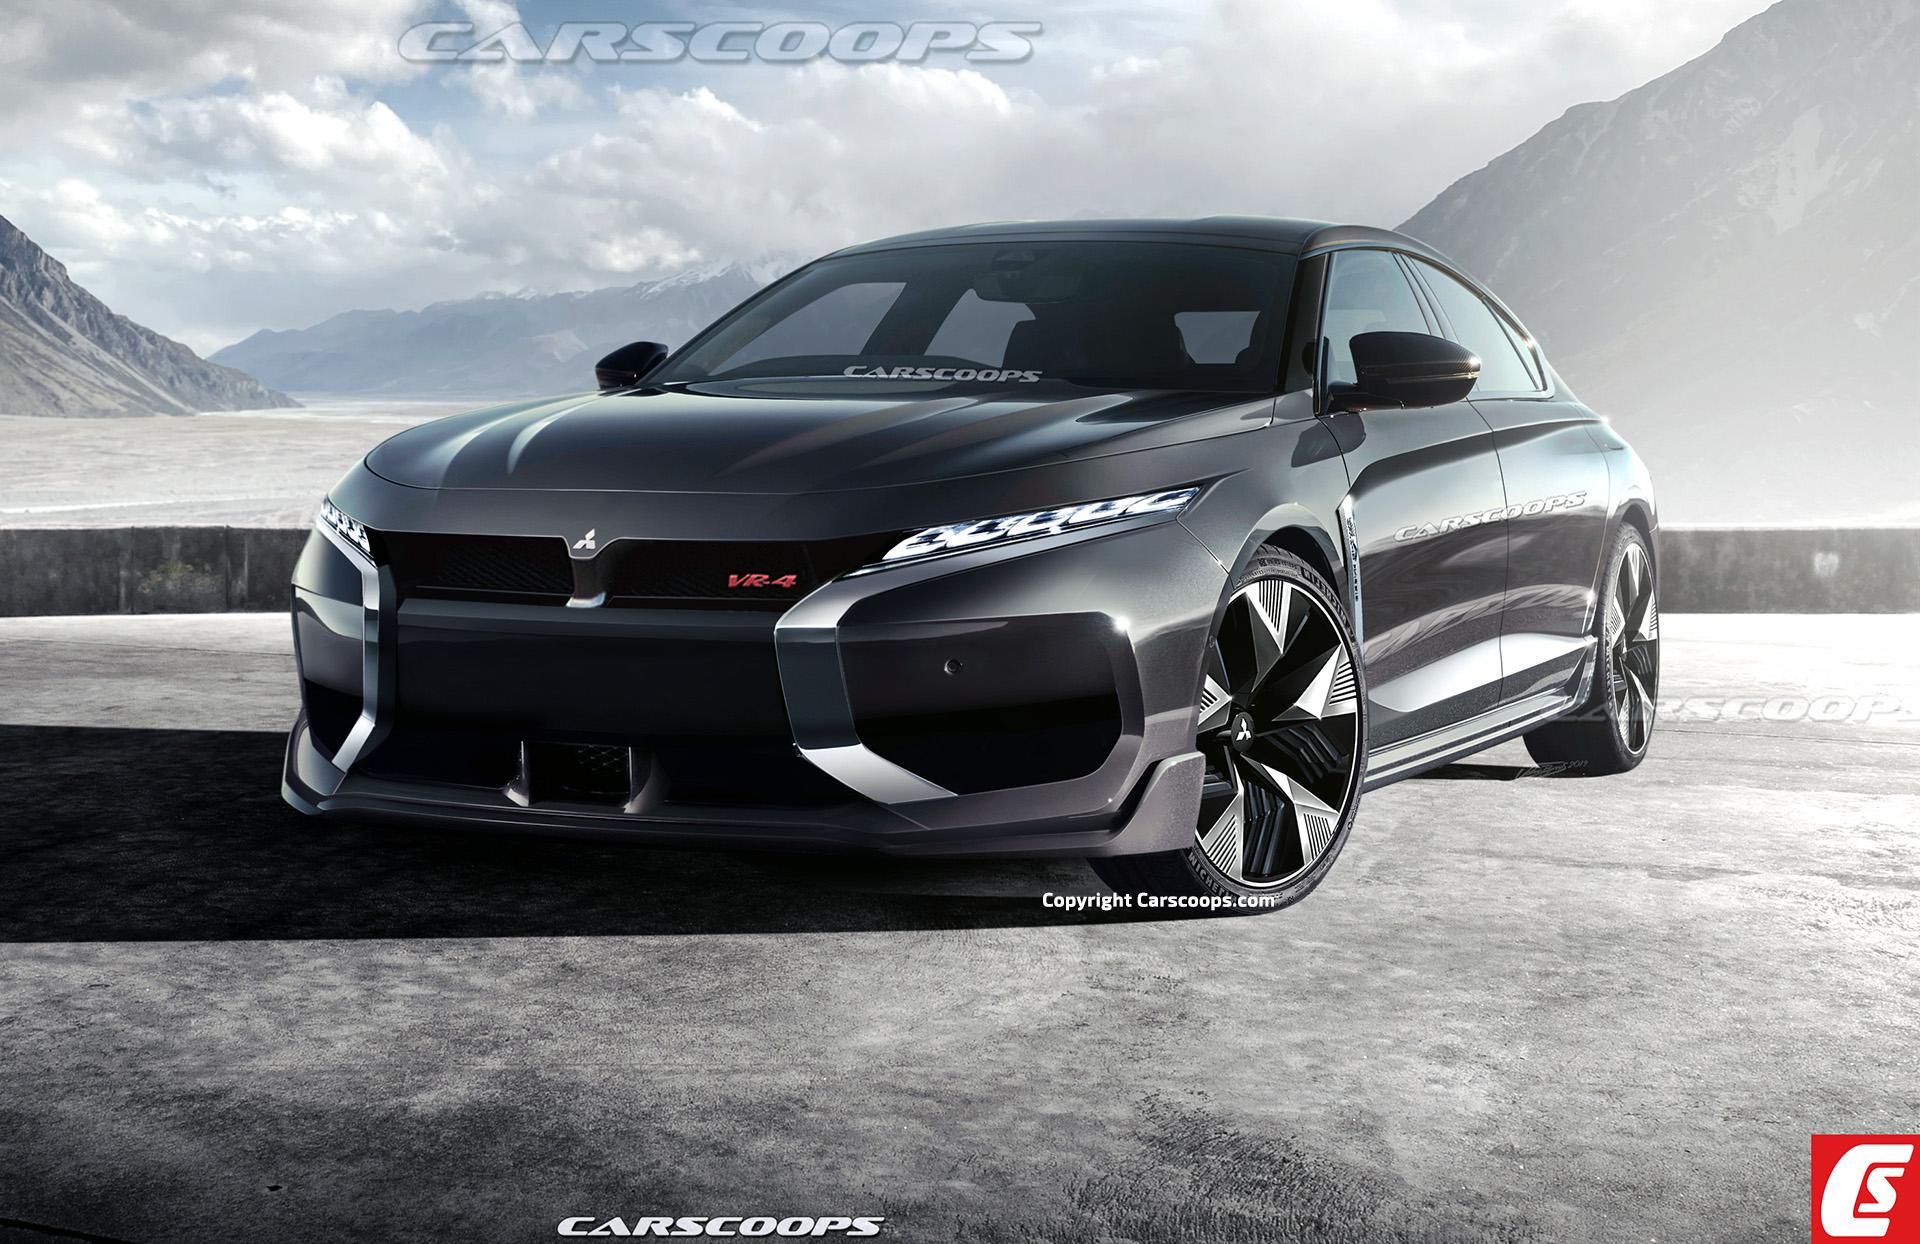 2021 Mitsubishi Lancer Exterior